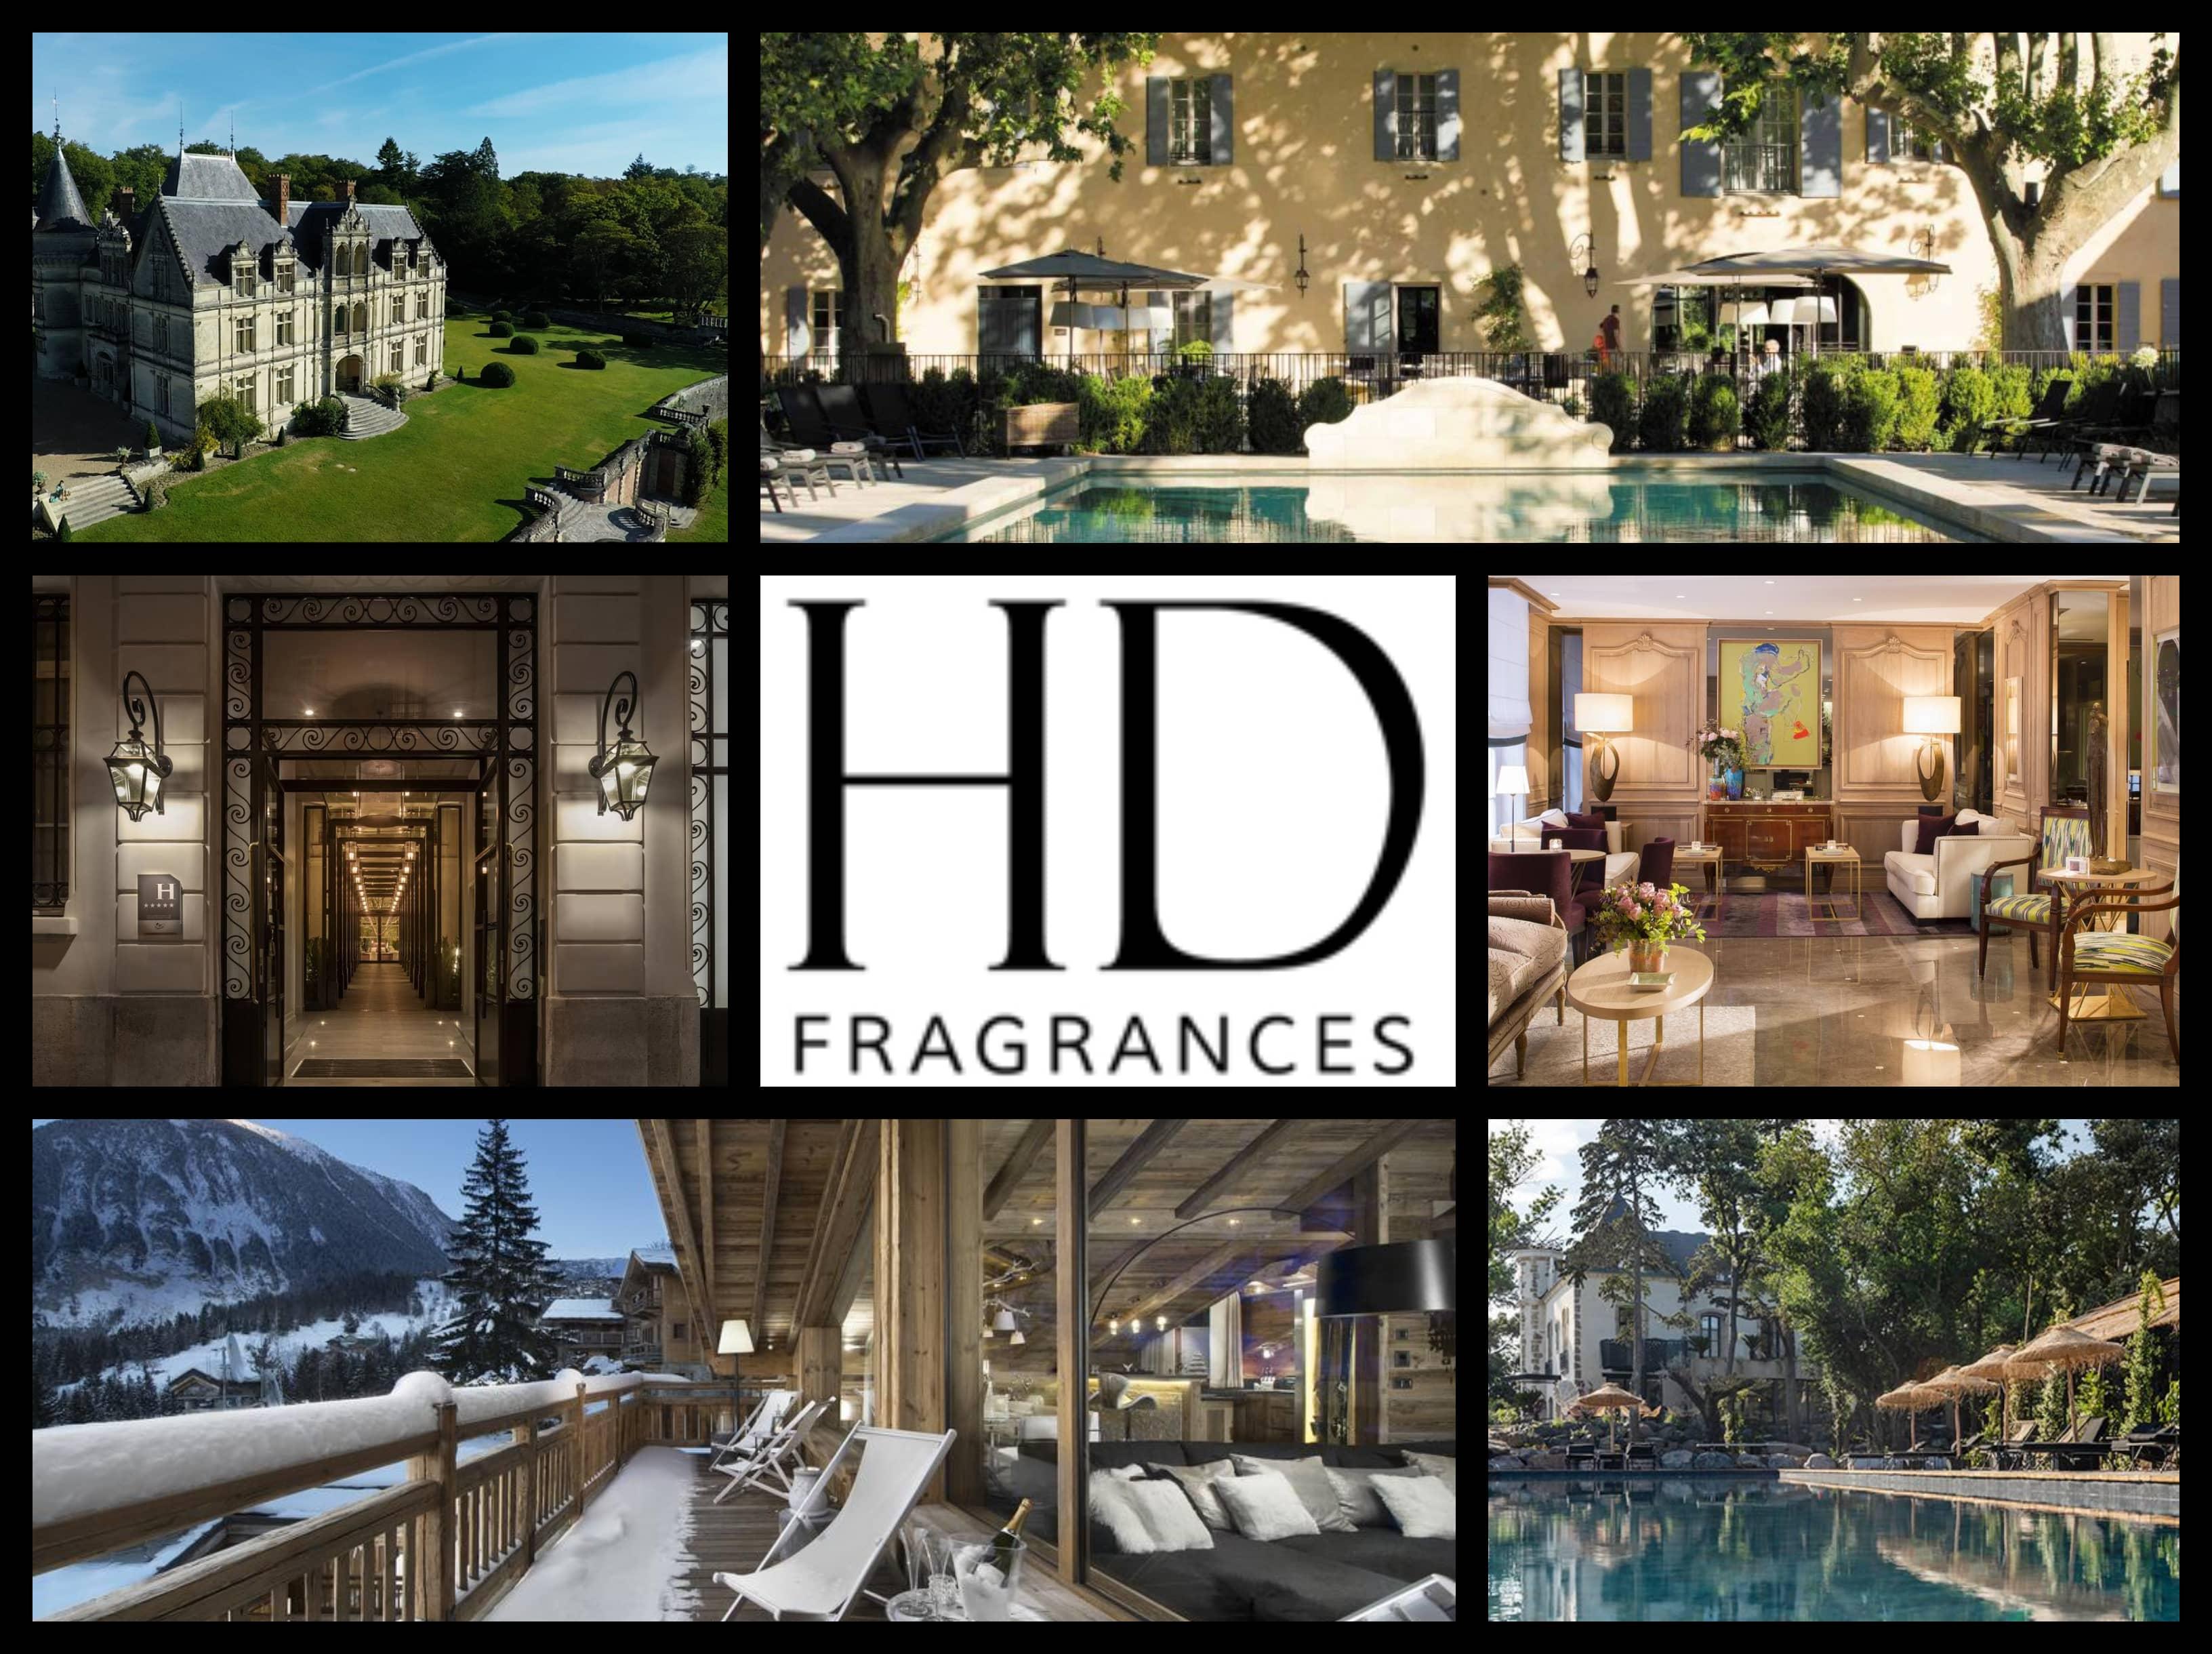 Les cosmétiques de luxe pour l'hôtellerie française | Majolica et About Rose Love Letters | HD Fragrances